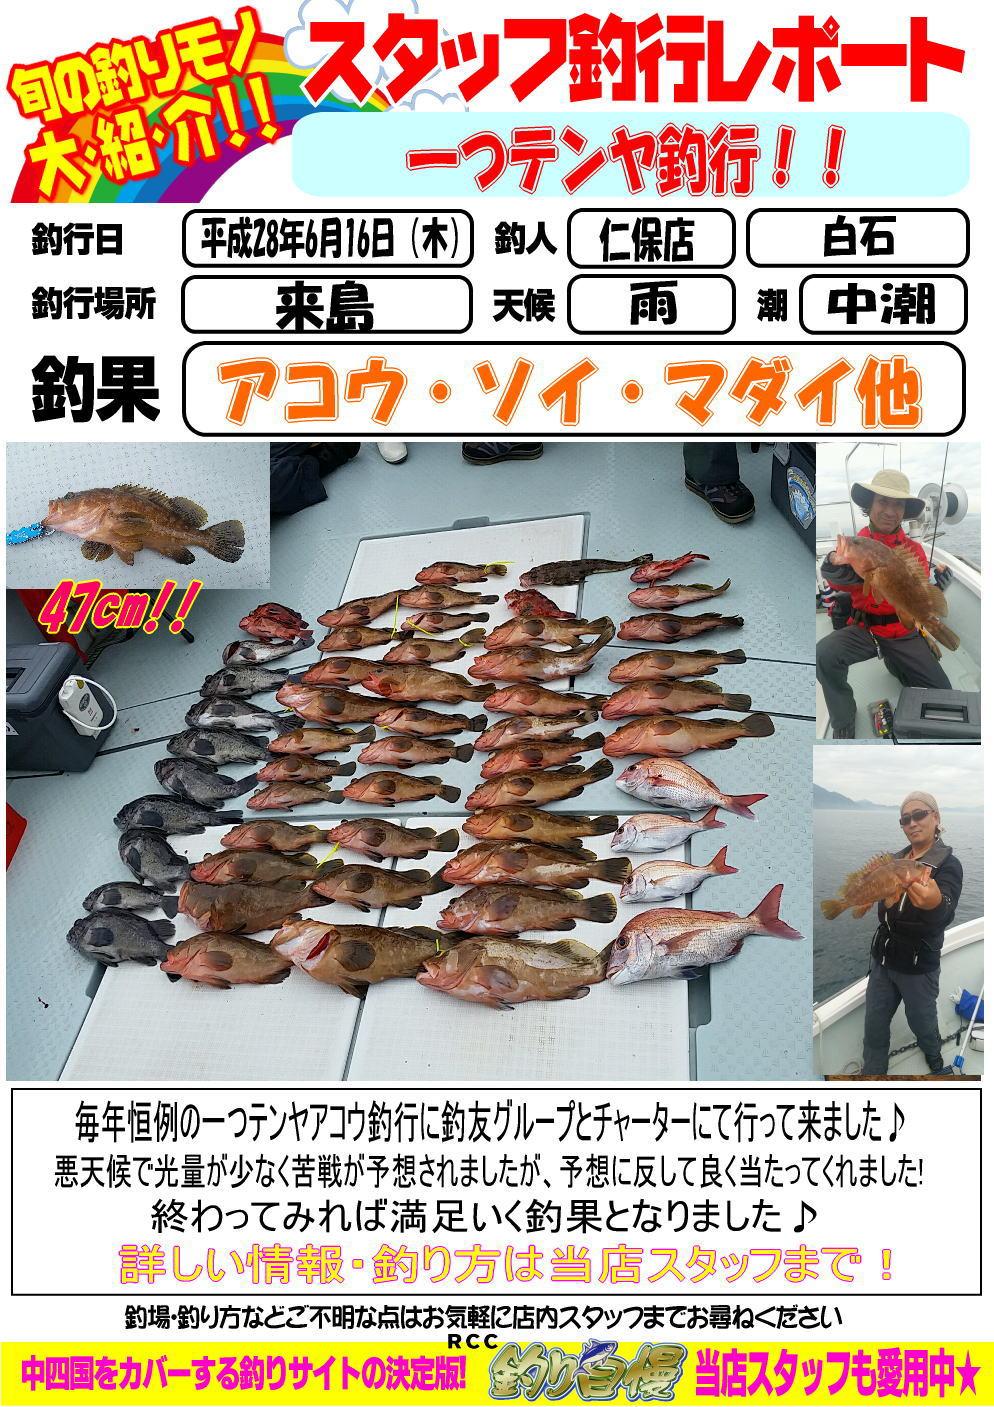 http://www.e-angle.co.jp/shop/blog/sutaltufu-20160618-niho-2.jpg